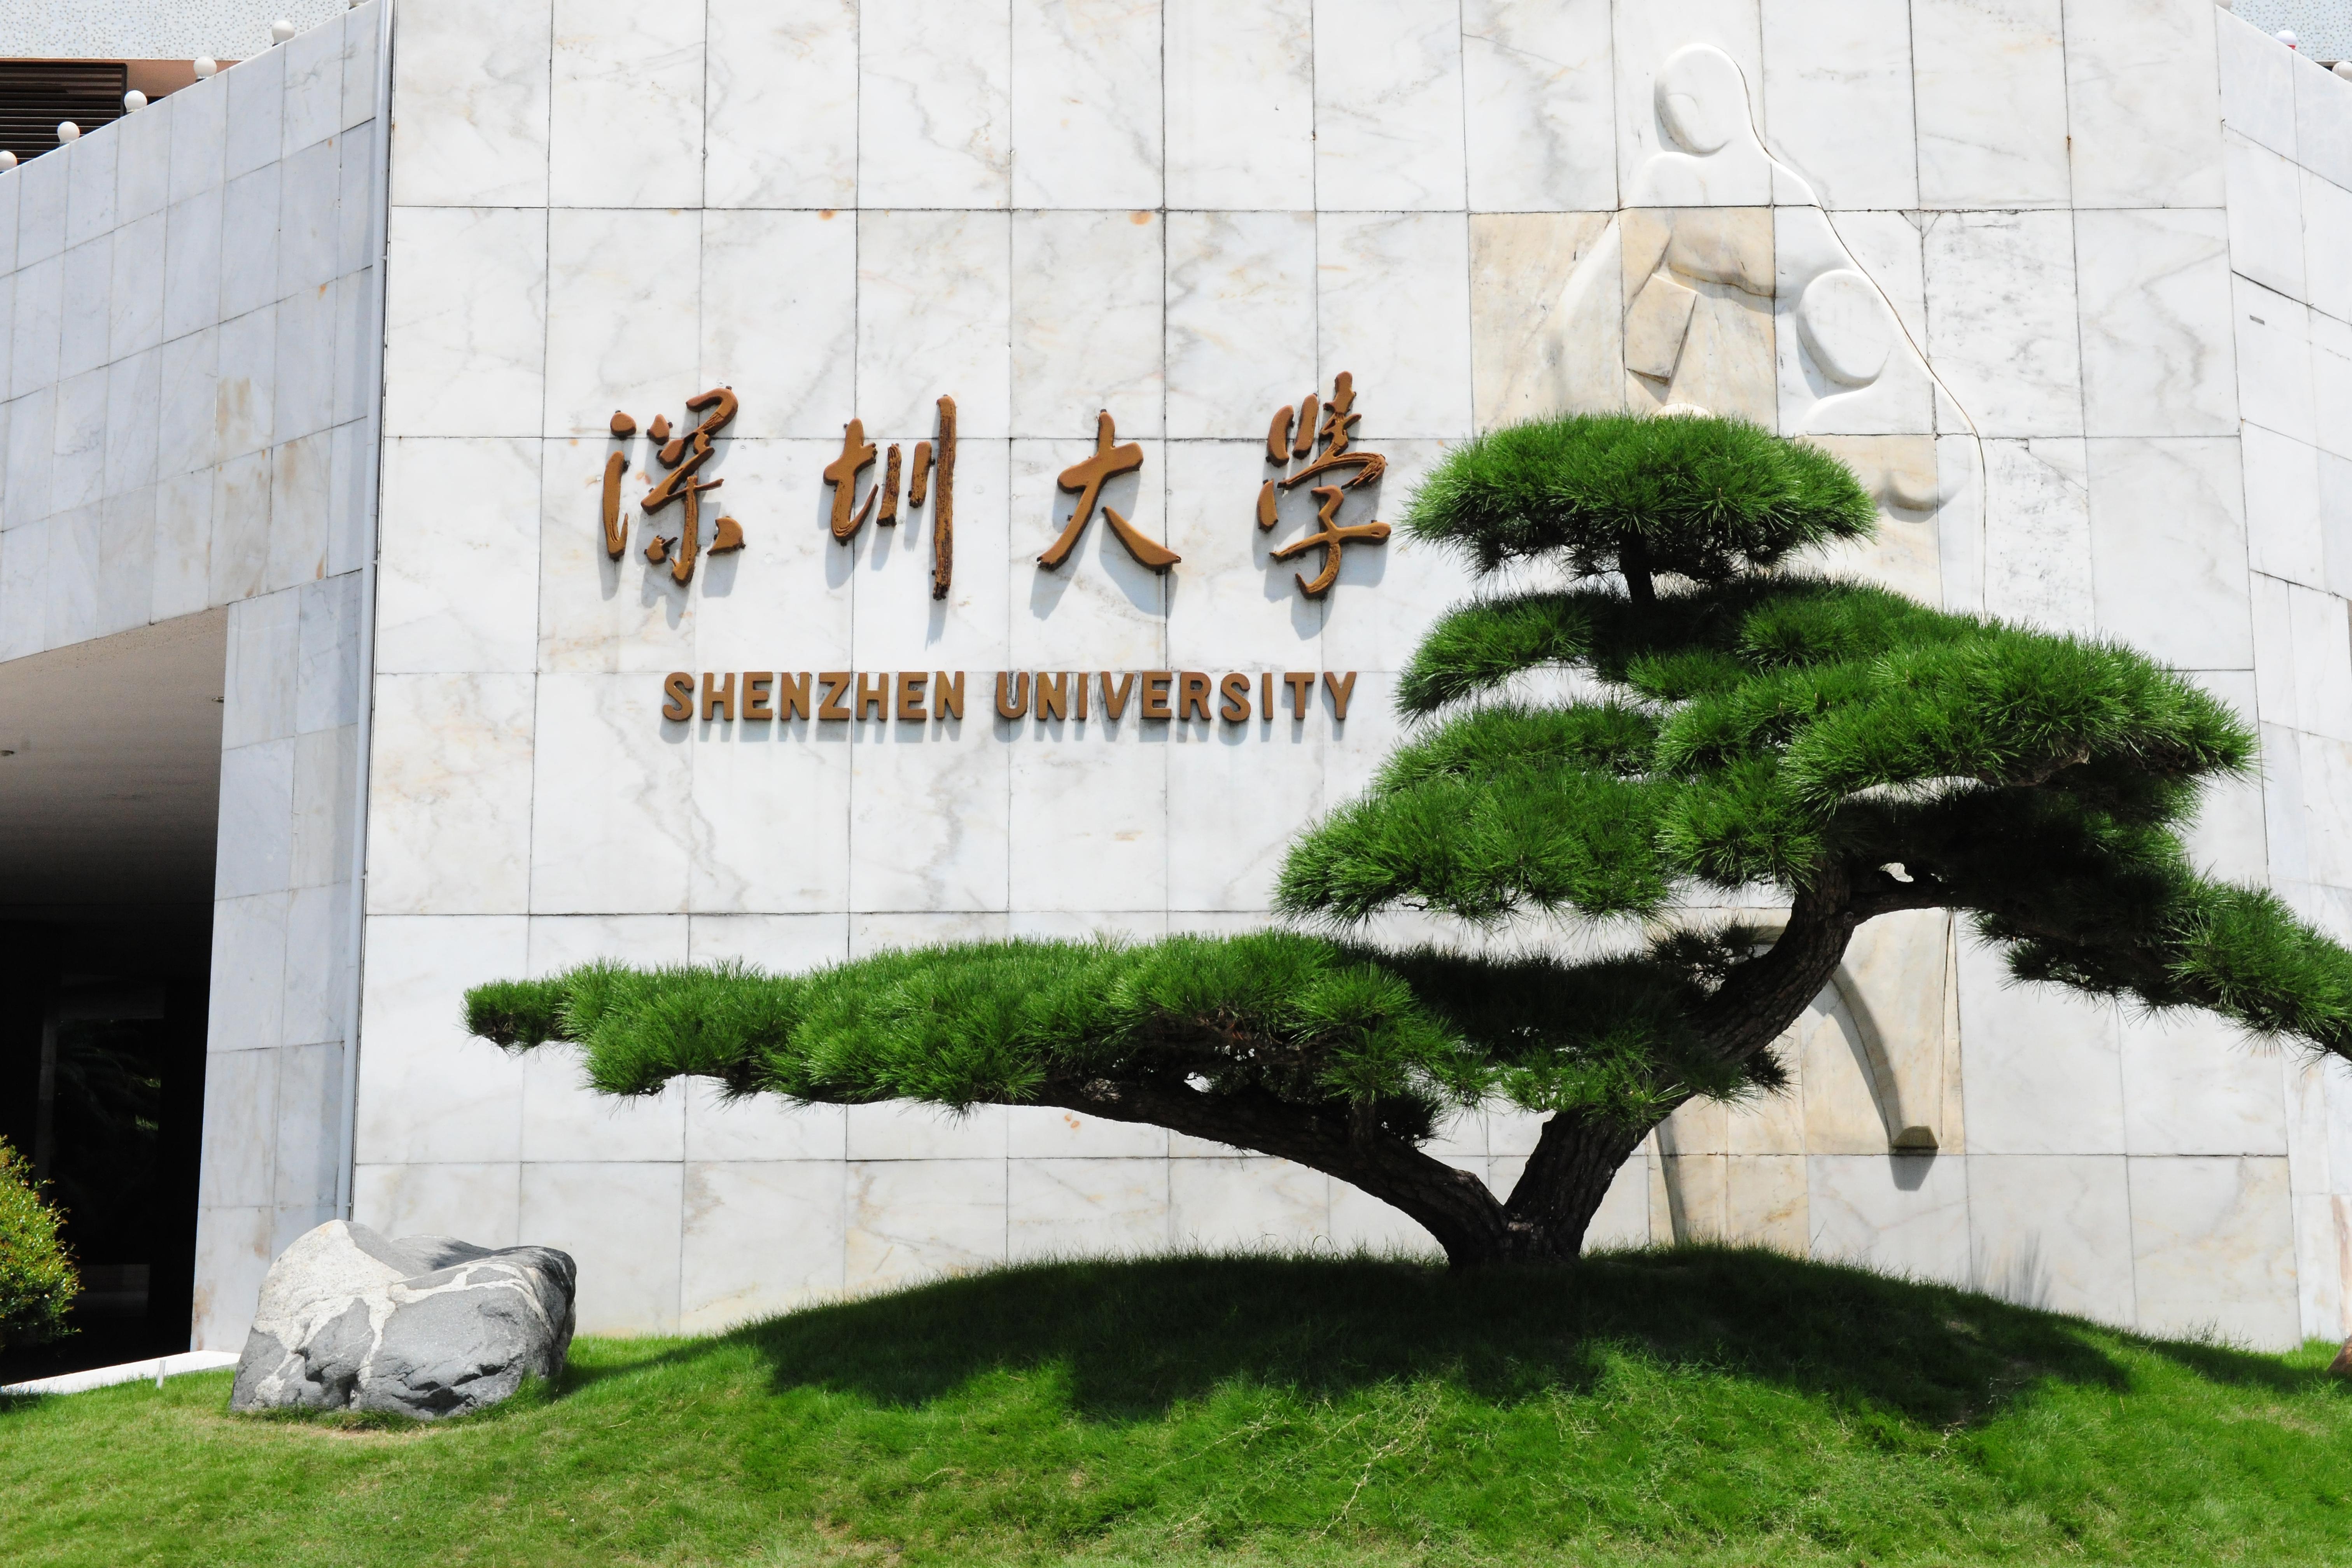 9月迎新,名厨磁电已准备就绪,在超43.9万㎡的深圳大学西丽校区等你!